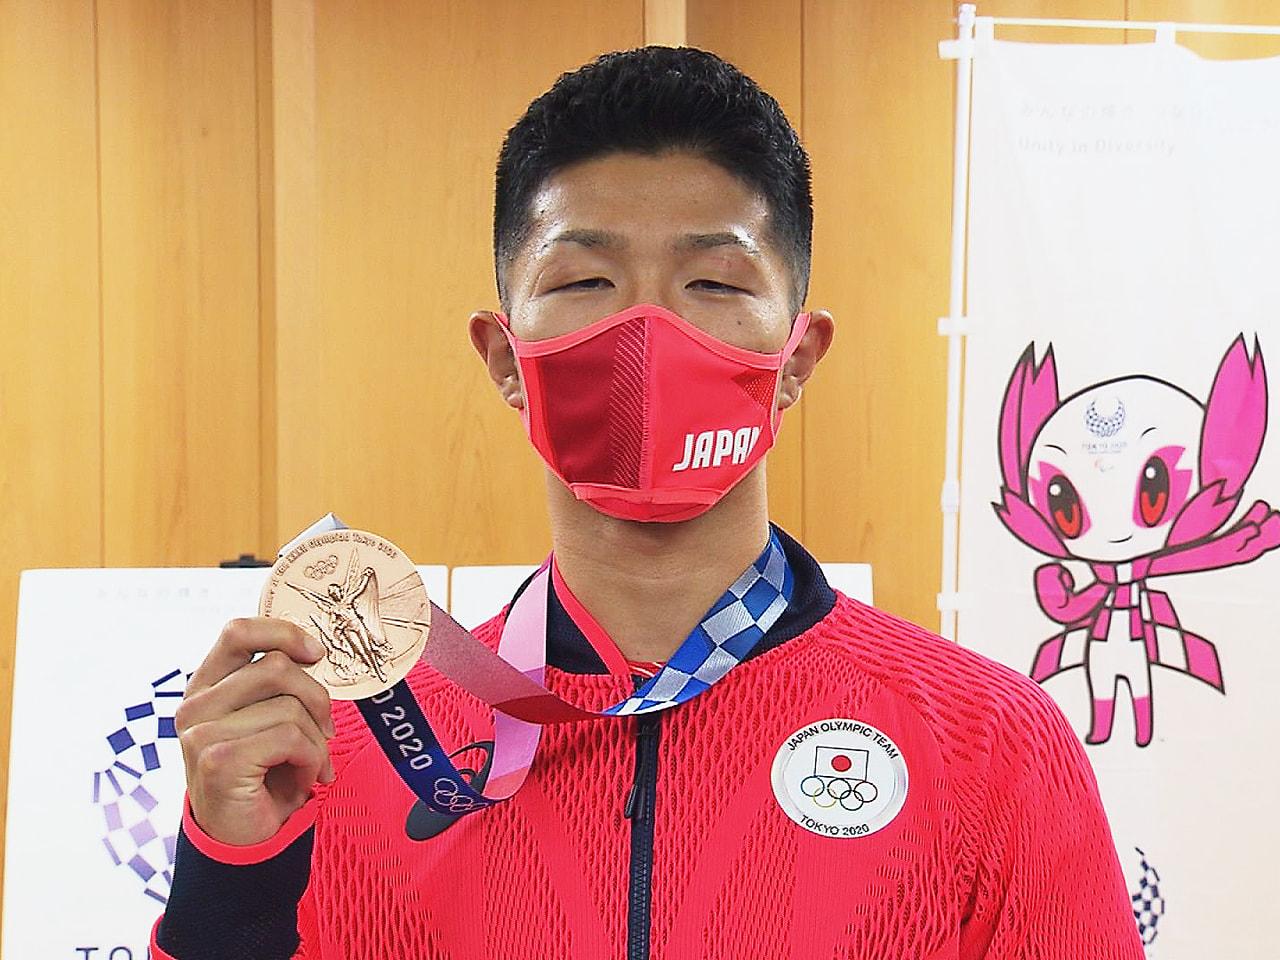 東京オリンピックのボクシング男子フライ級で銅メダルに輝いた、岐阜県多治見市出身の...